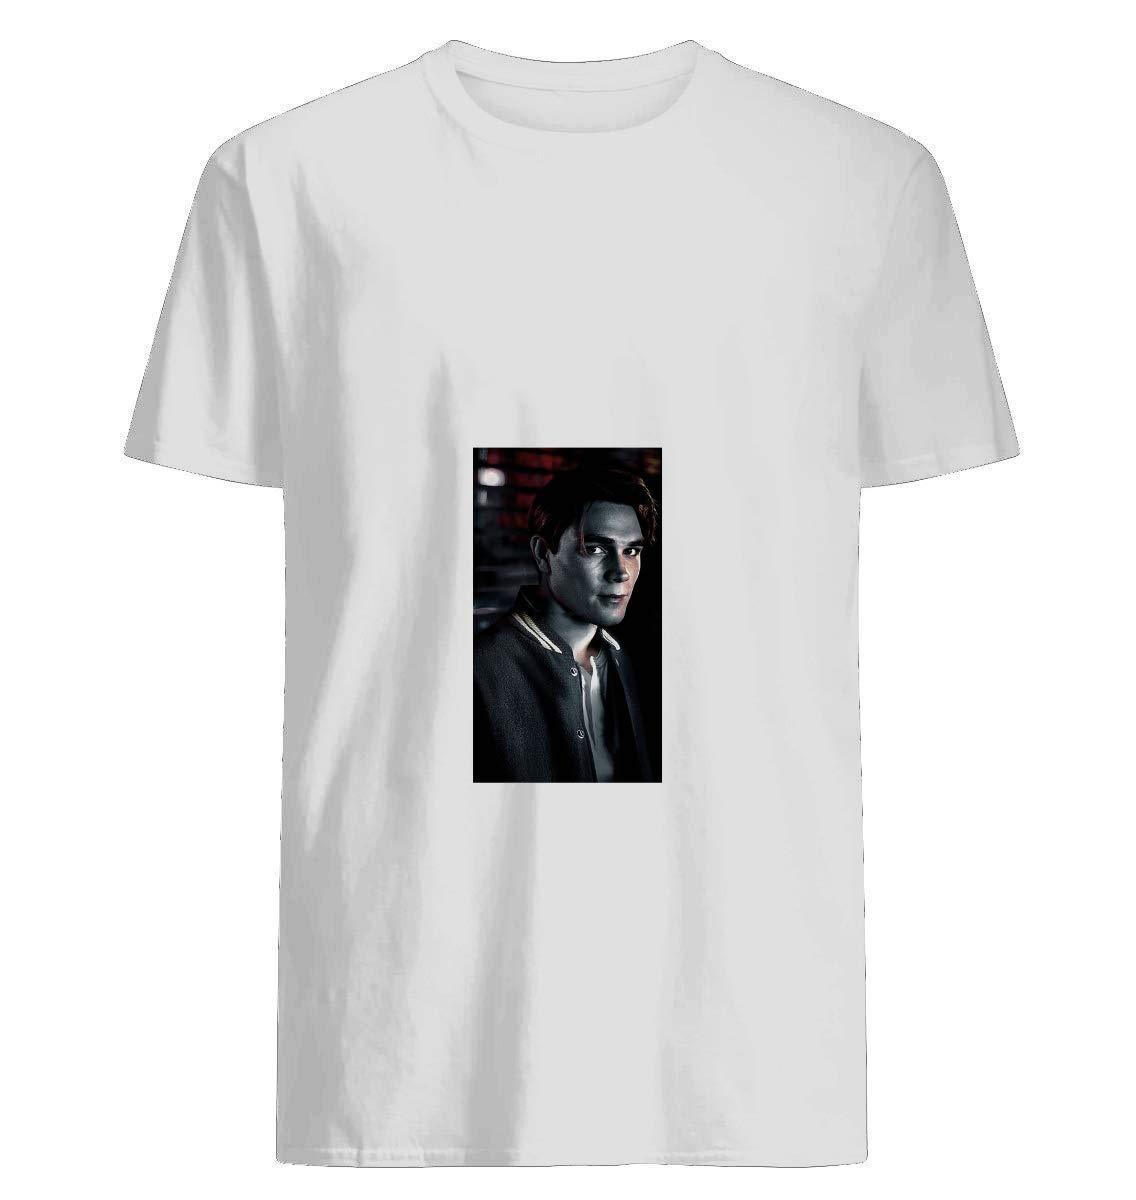 Archie Andrews Kj Apa Riverdale T Shirt For Unisex